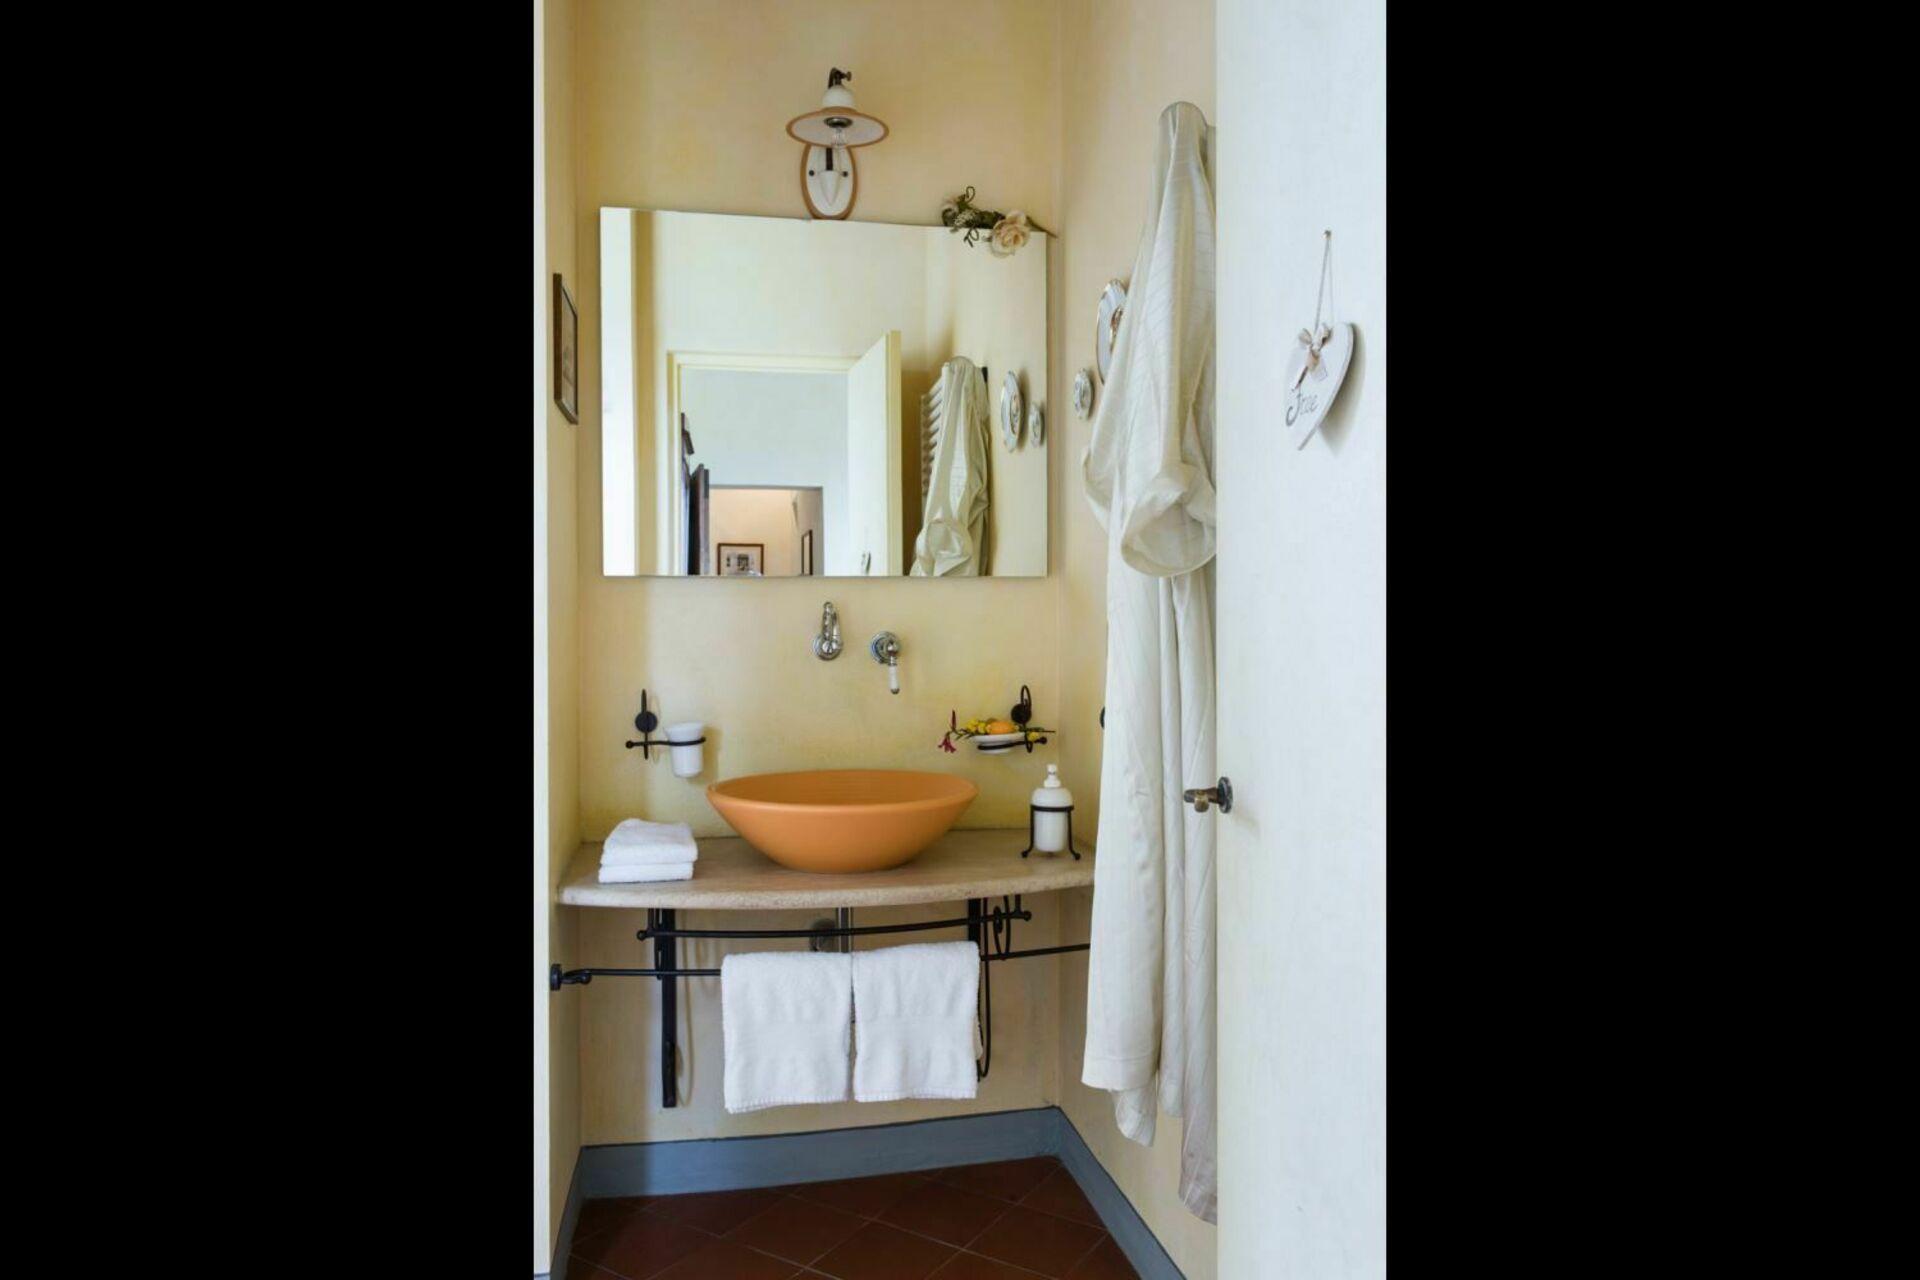 Terrasole posti letto 6 in 2 camere casa vacanza a for Branson cabin rentals 4 camere da letto